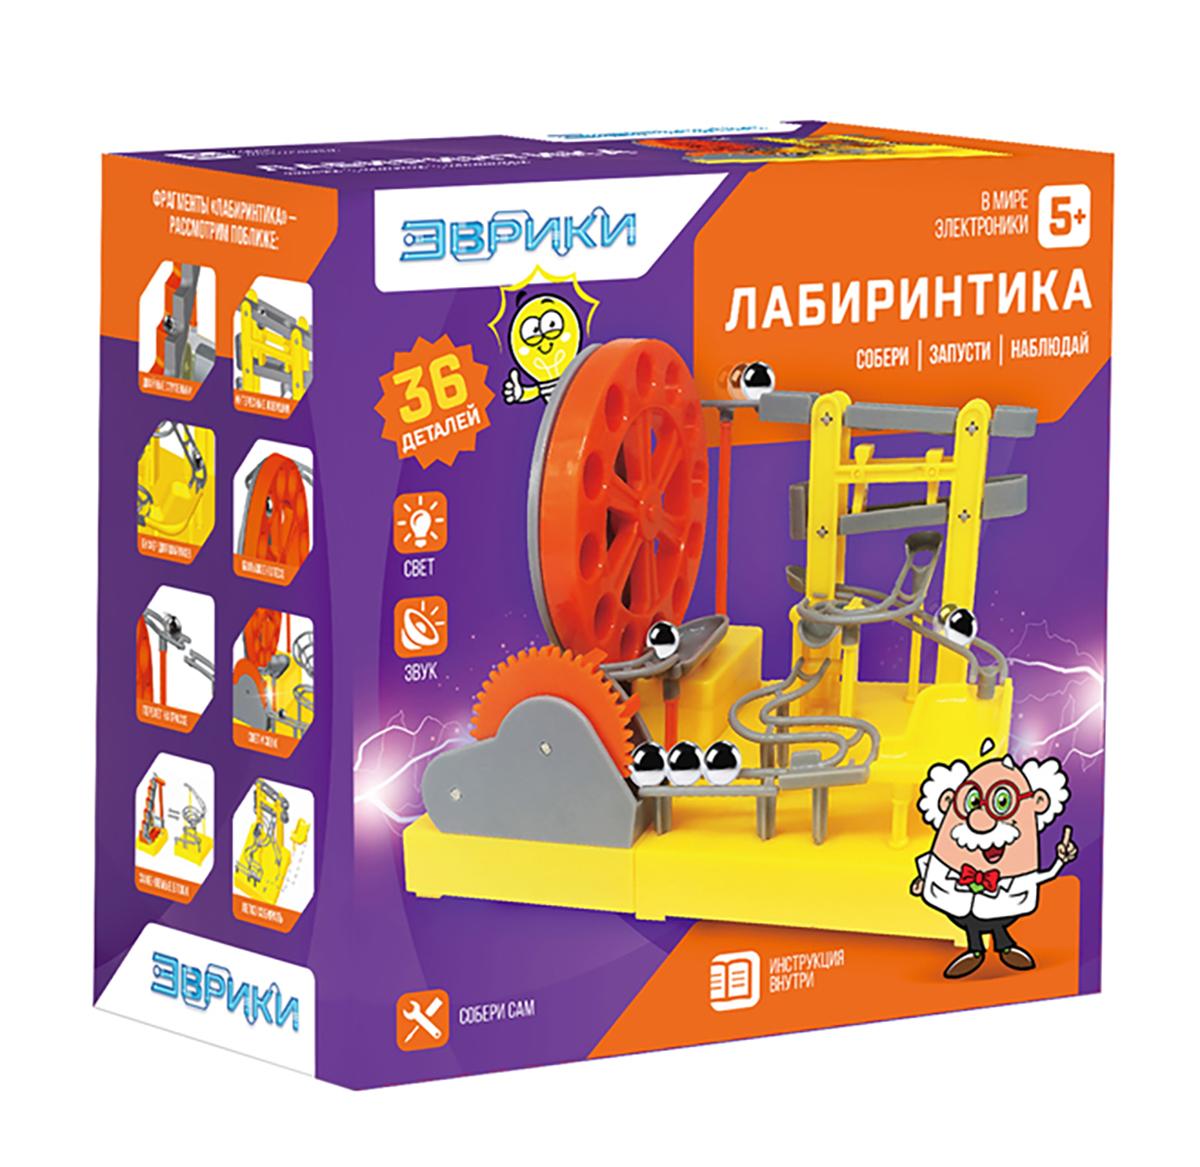 Эврика Электромеханический конструктор Лабиринтика 2457782 - Конструкторы